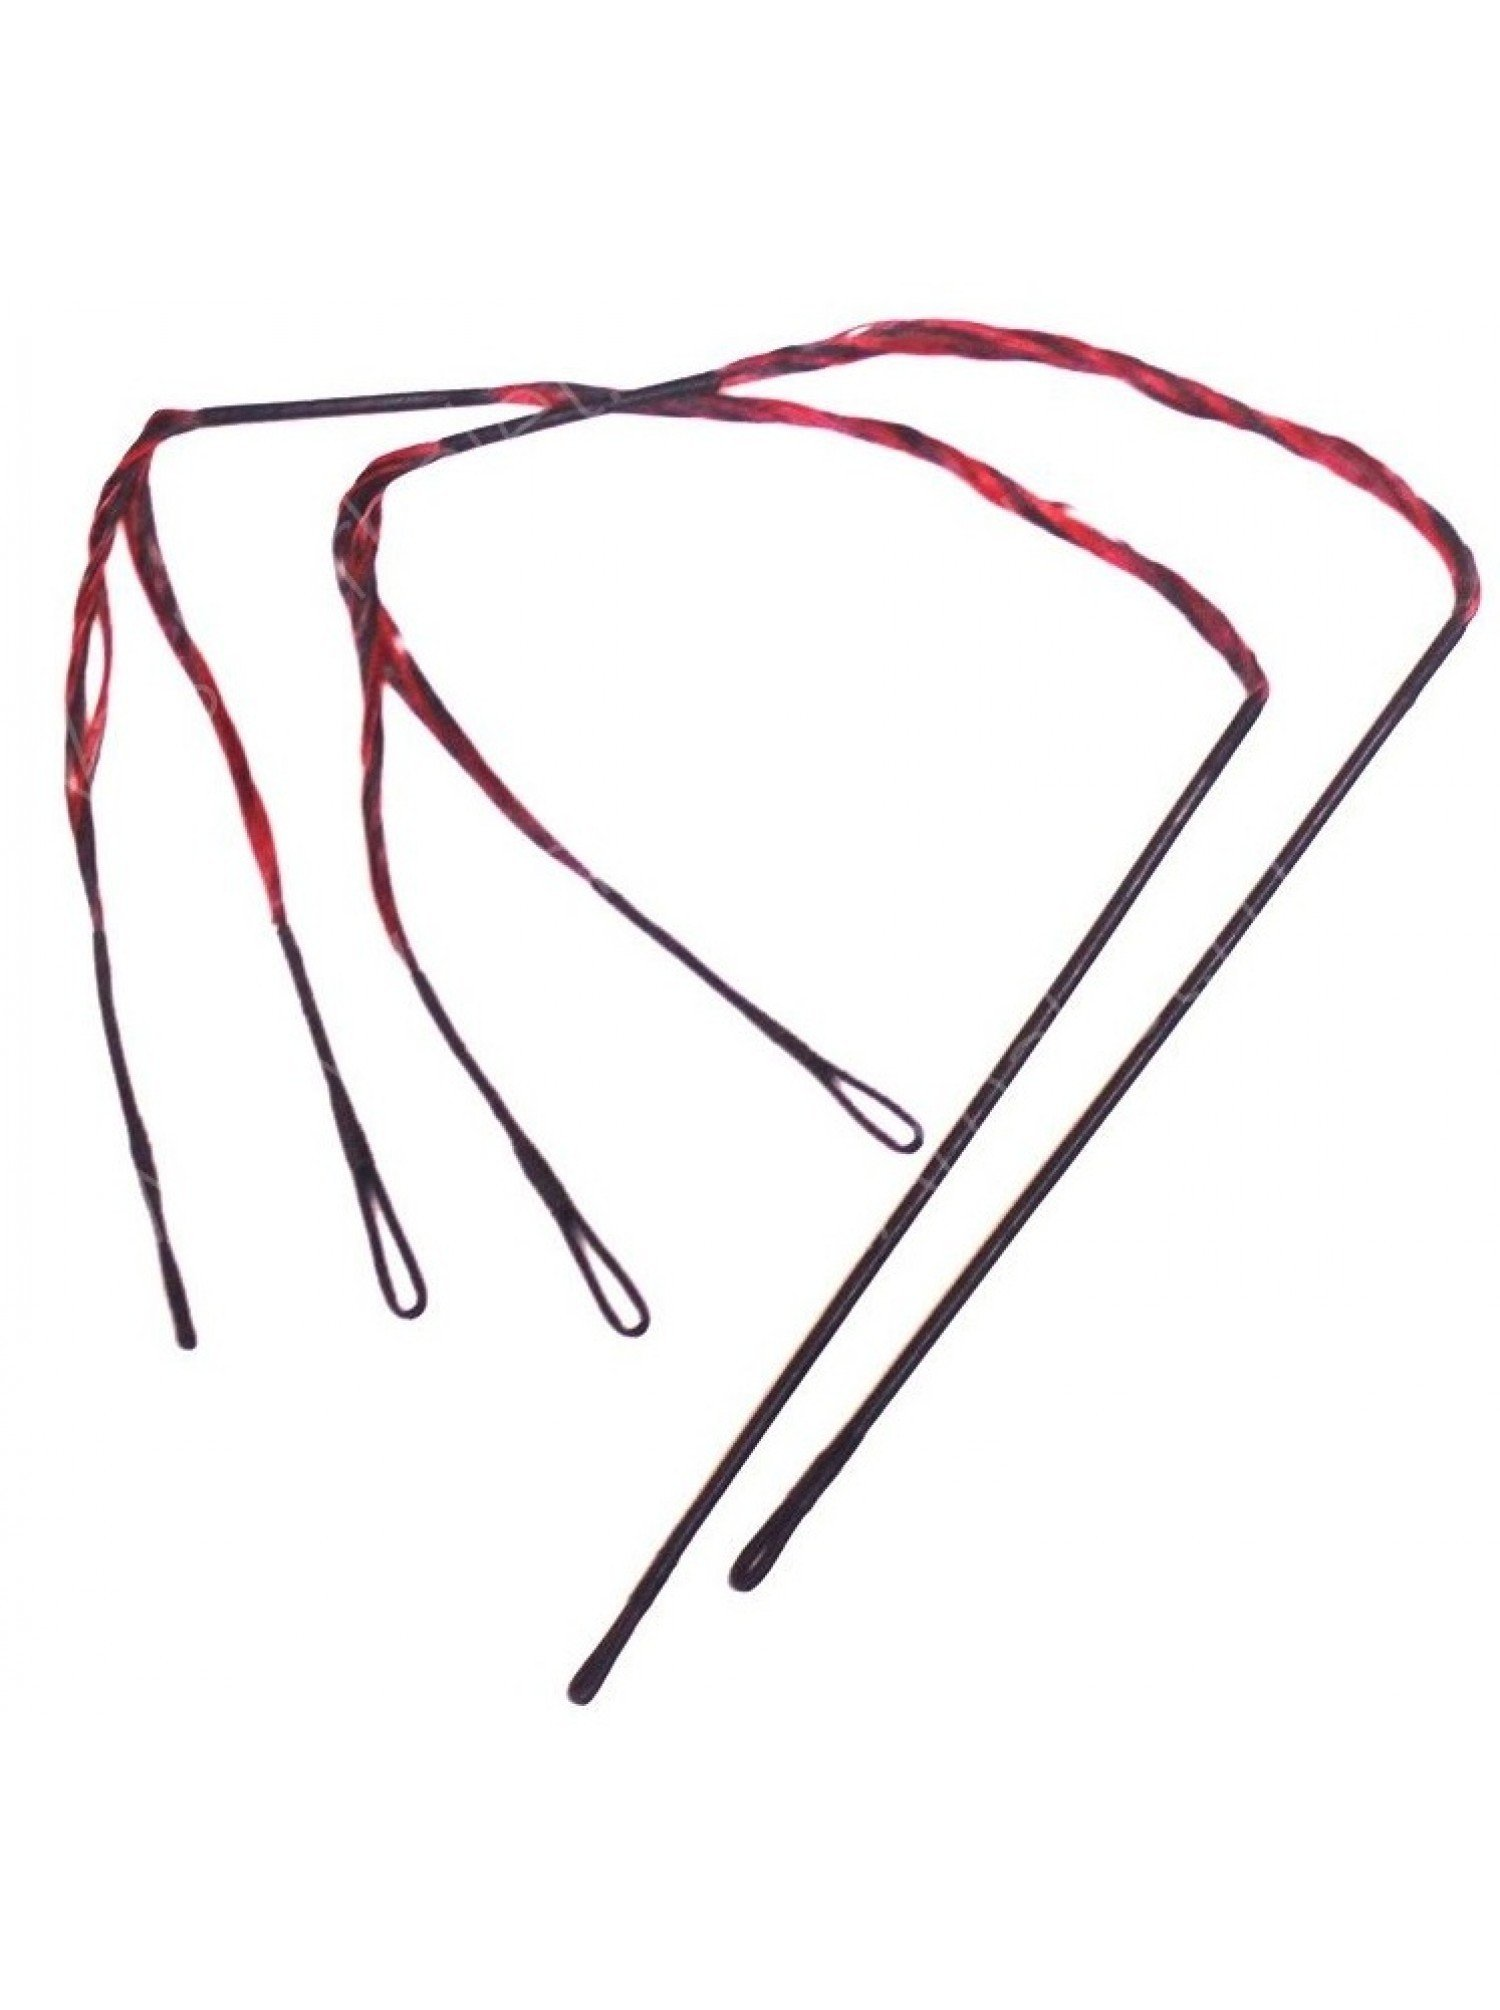 Набор тросов для арбалета MK-400 01979